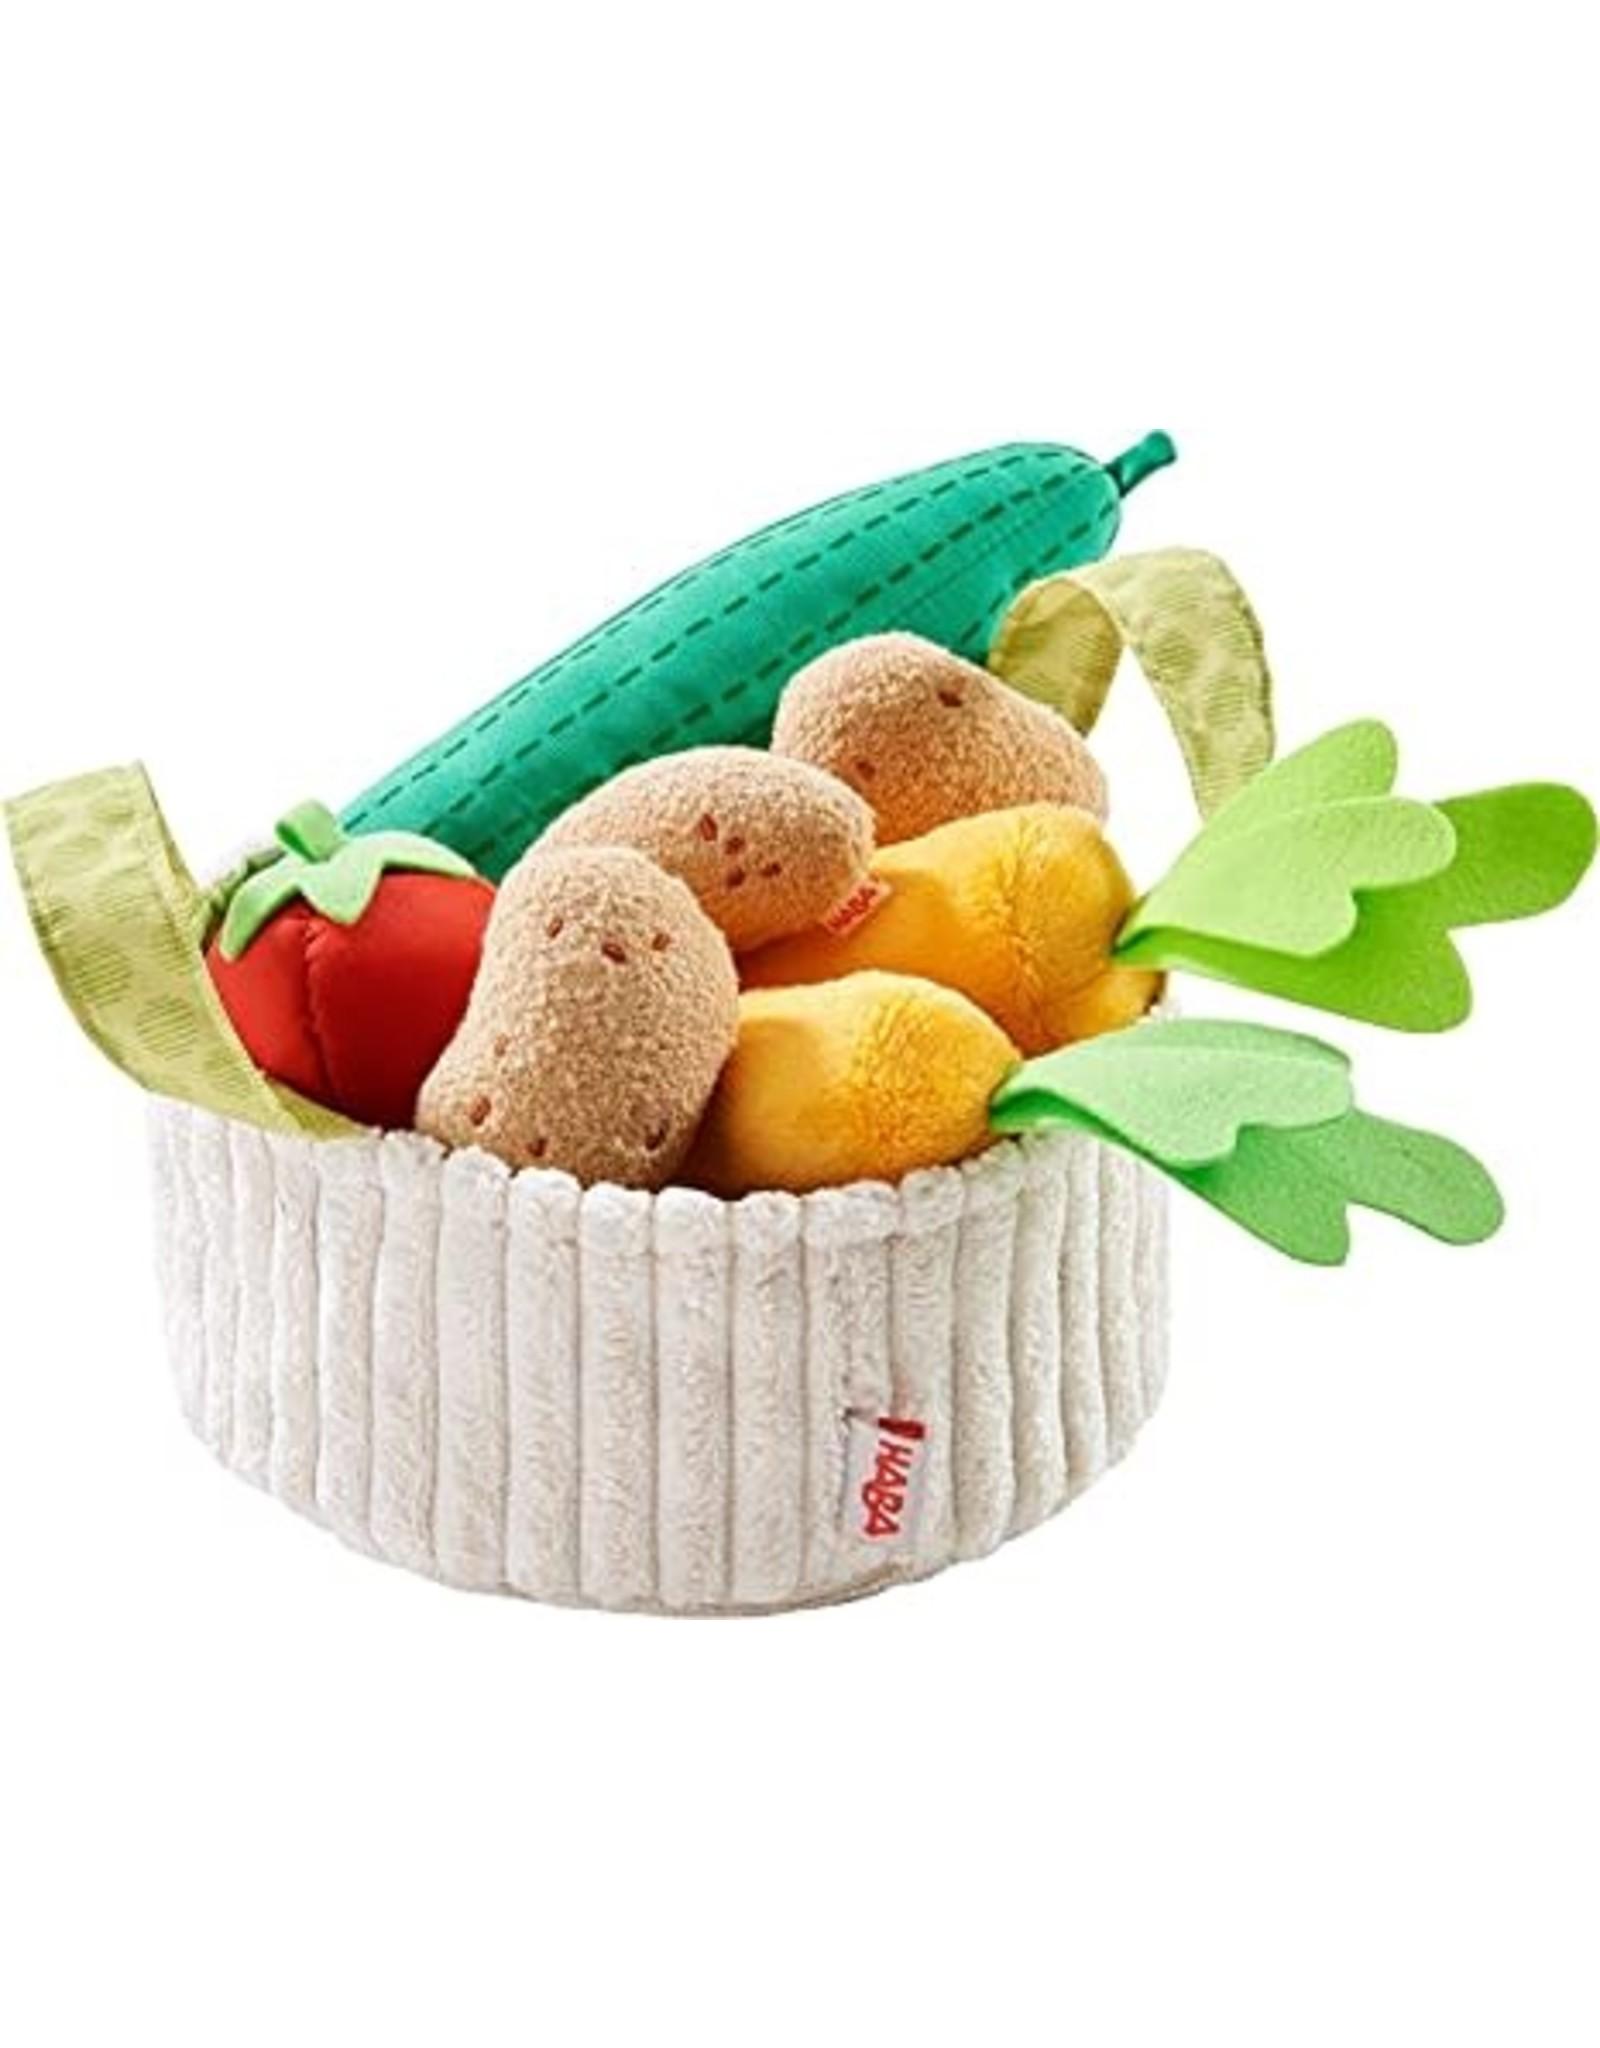 Haba Vegetable Basket